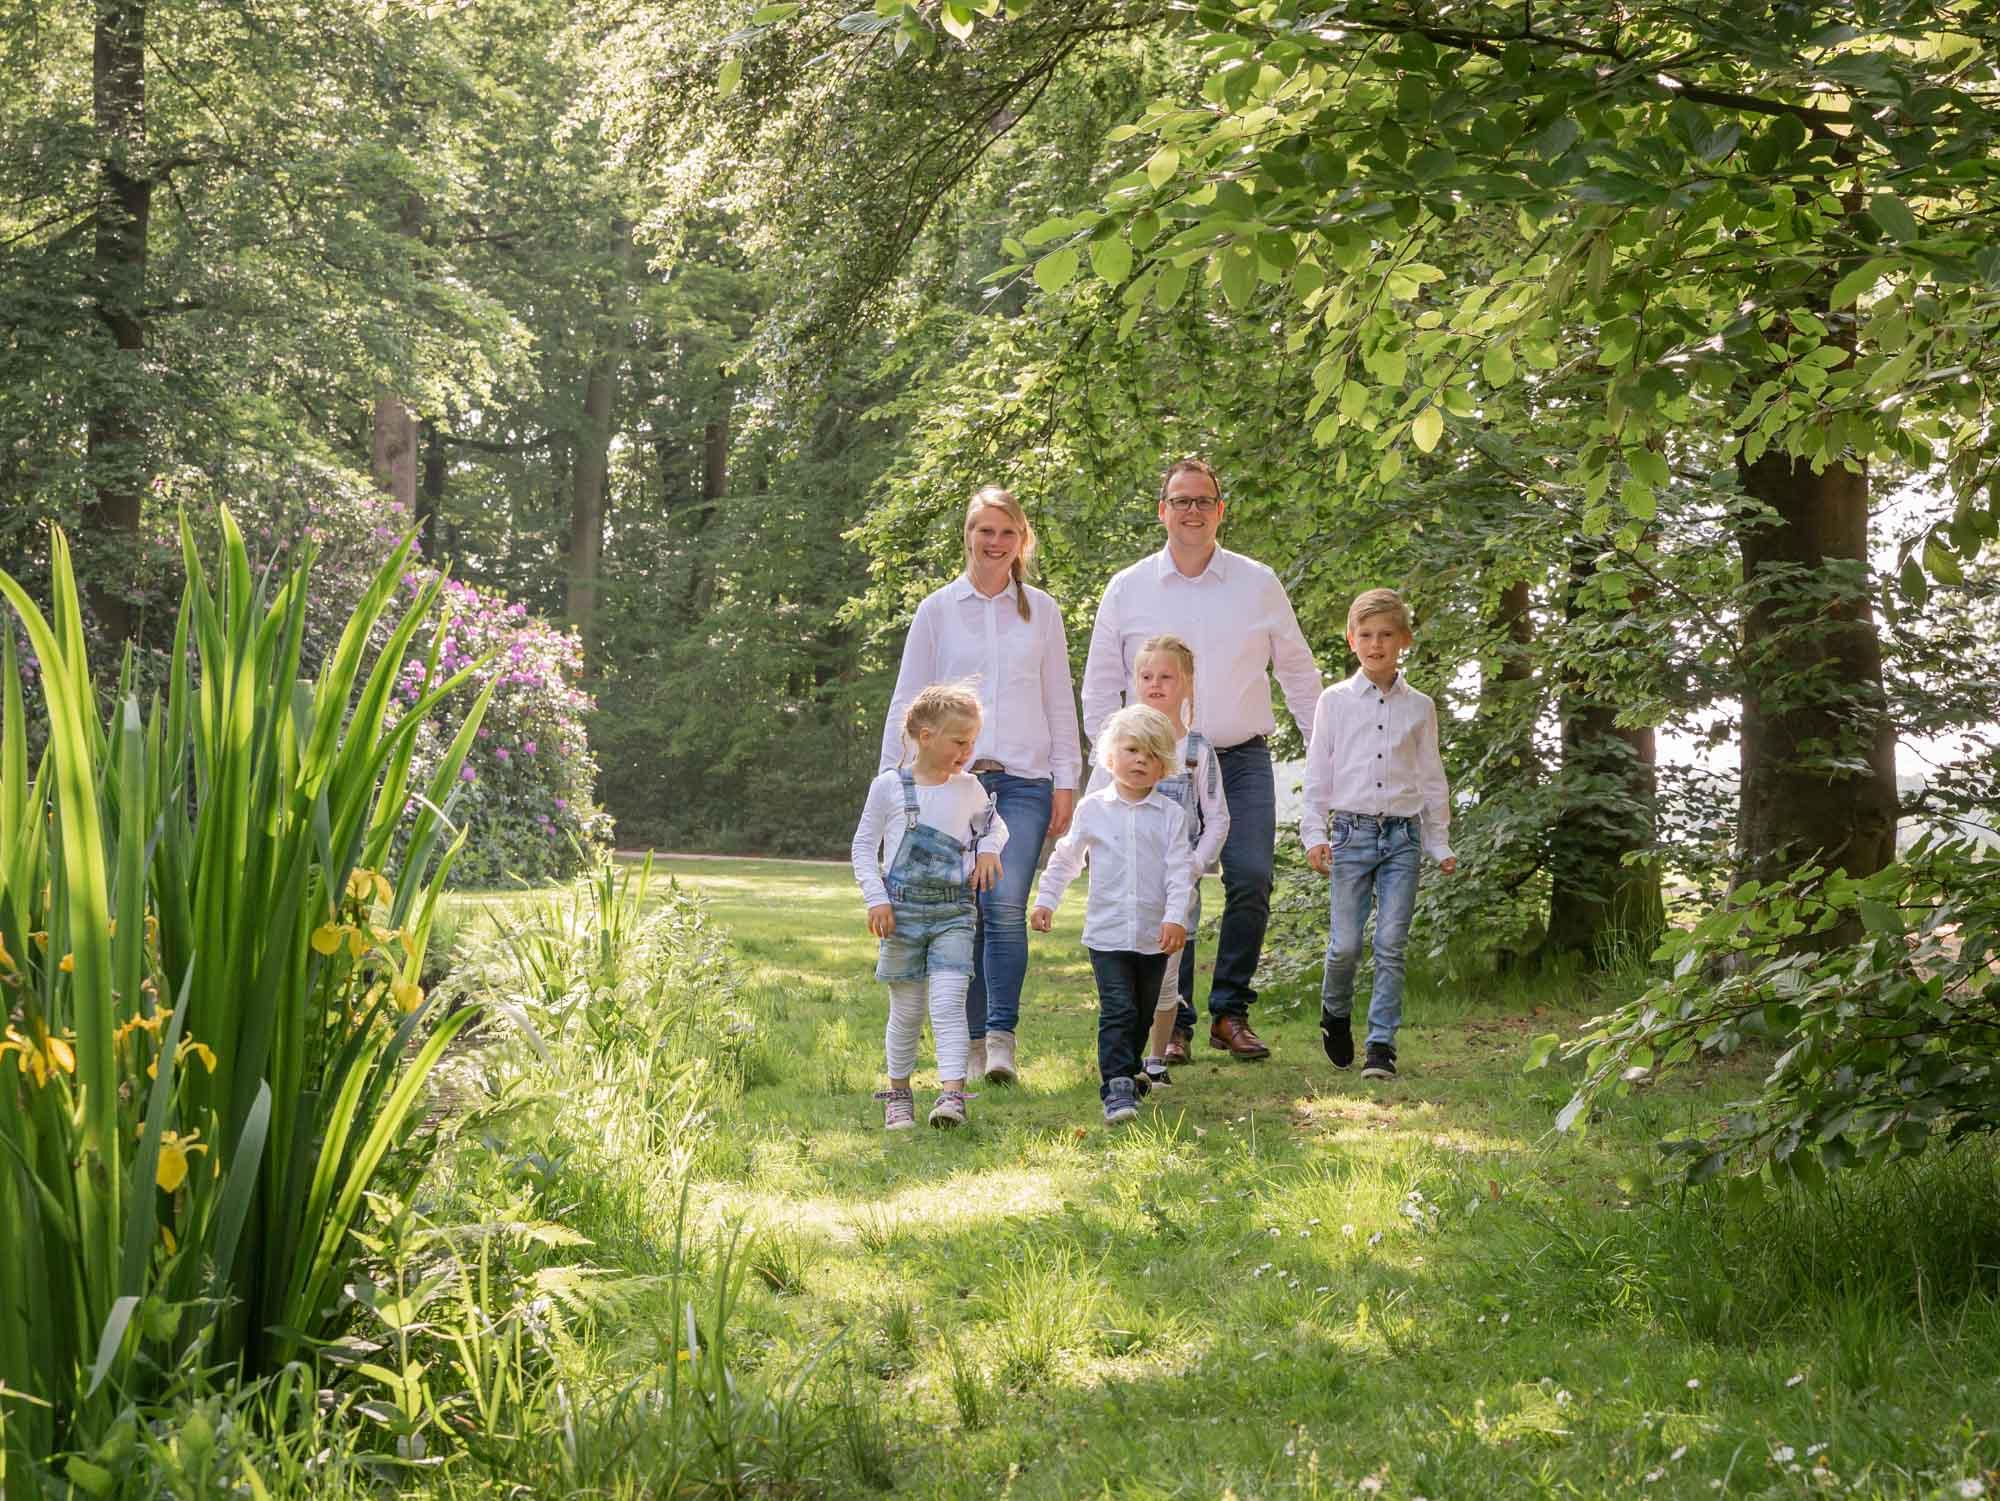 Gezinsfotograaf in Amersfoort, Nijkerk, Hoevelaken en omgeving, voor gezinsreportage. Gezinsfotoshoot door Mayra Fotografie. Fotoshoot bij kasteel en landgoed Groeneveld te Baarn.